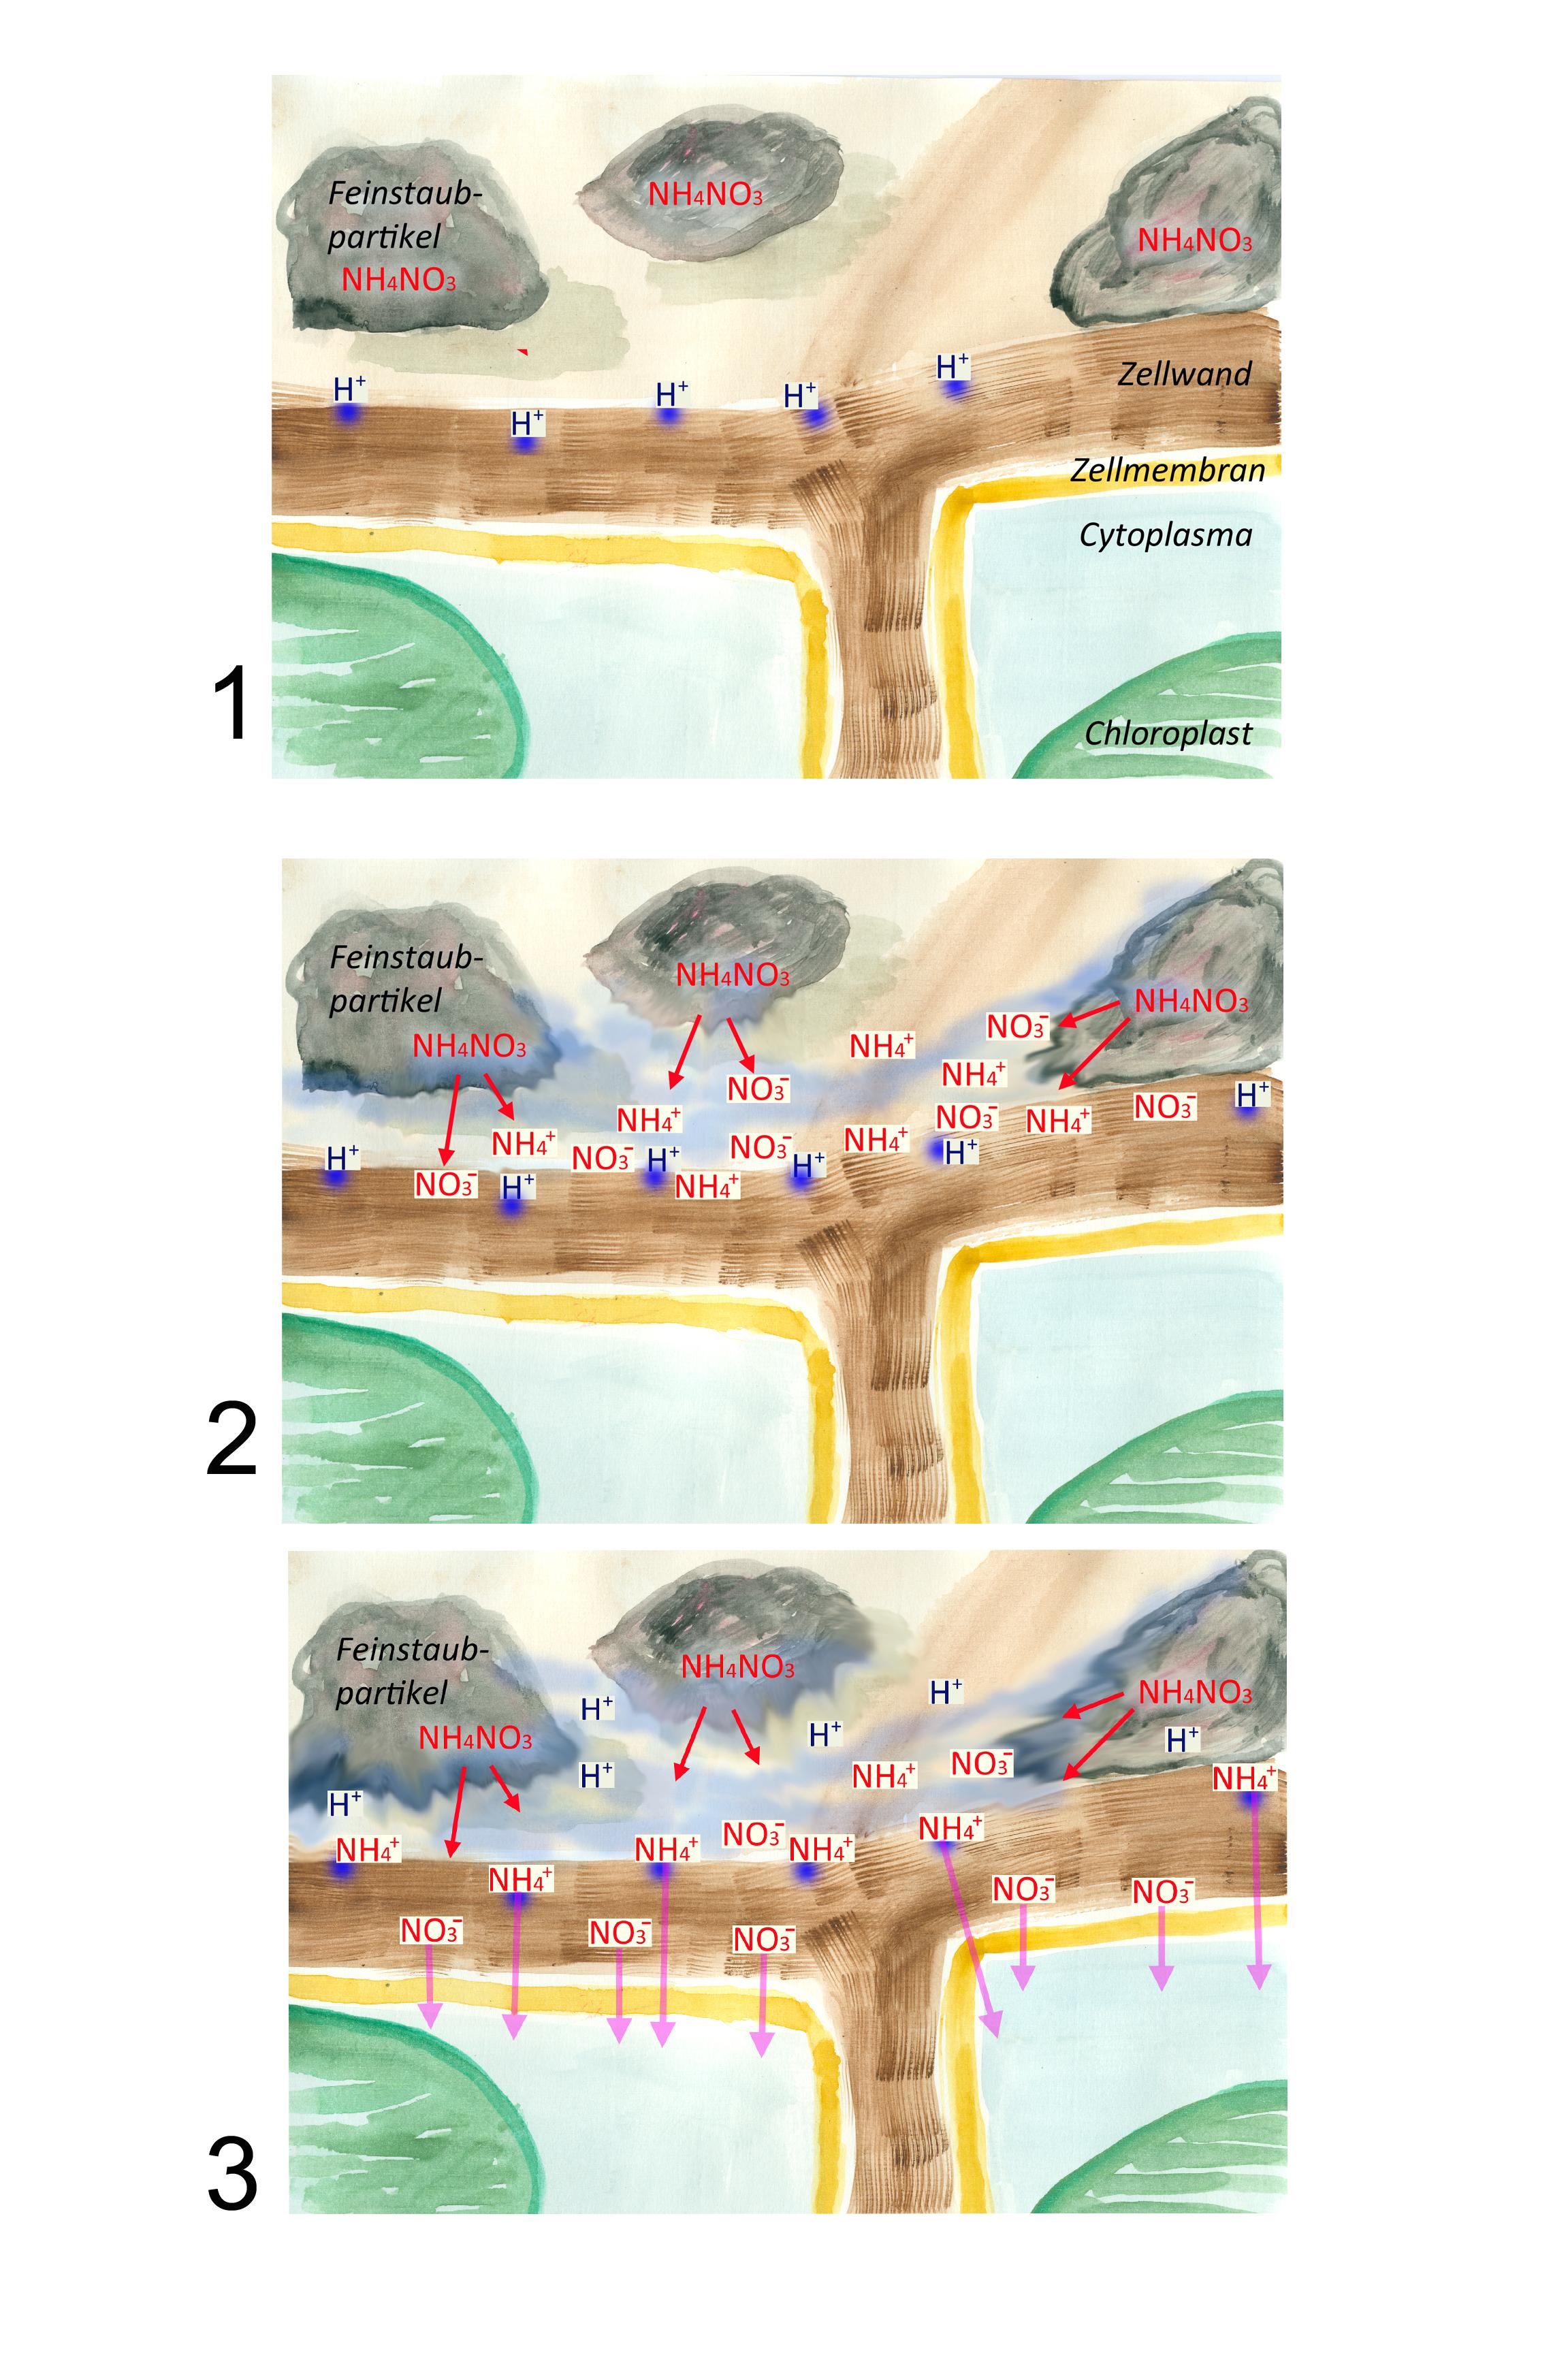 welche moosarten binden feinstaubpartikel